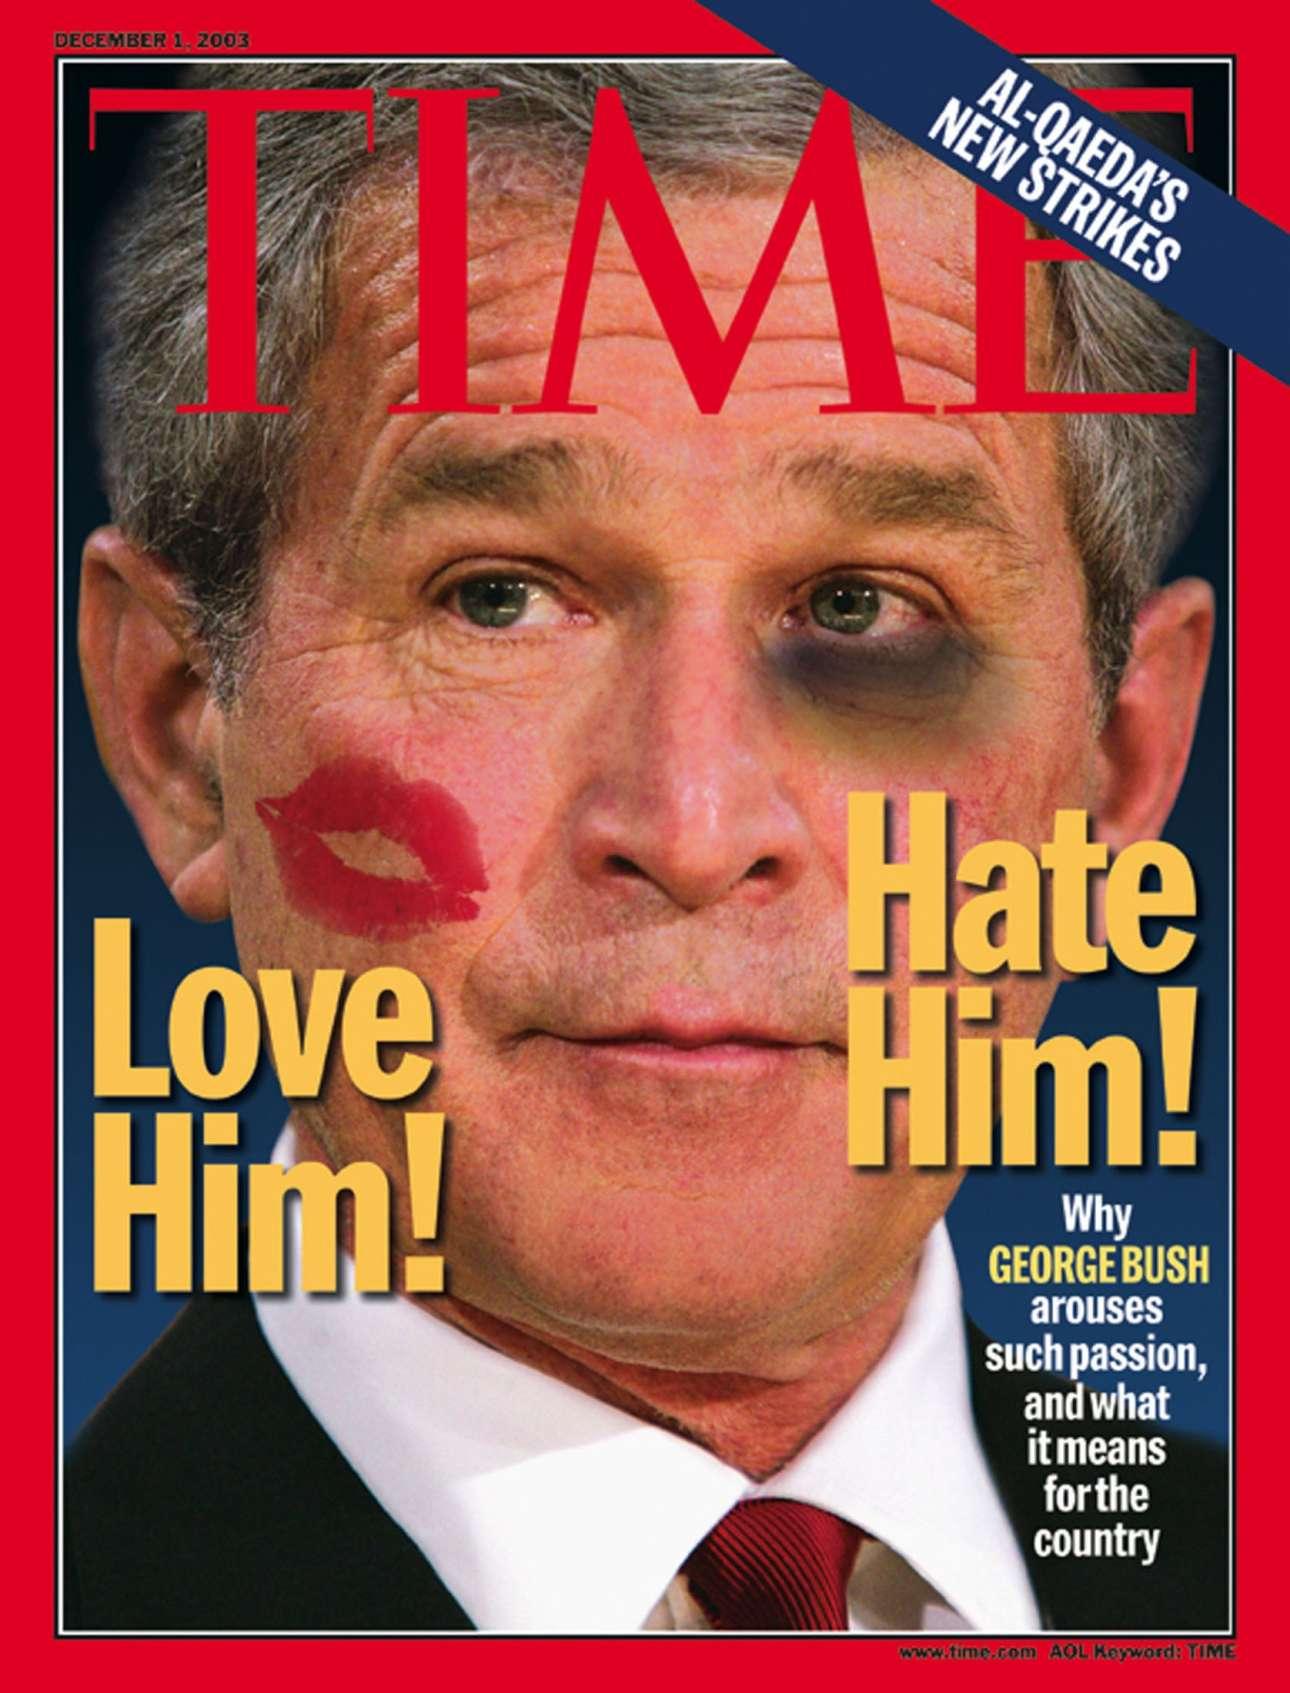 Αγαπάμε ή μισούμε τον Τζορτζ Μπους; ρωτά το Time τον Δεκέμβριο του 2003. Θέλουμε να τον πνίξουμε στα φιλιά ή να του μαυρίσουμε το μάτι; Το εξώφυλλο δίνει και τις δύο επιλογές